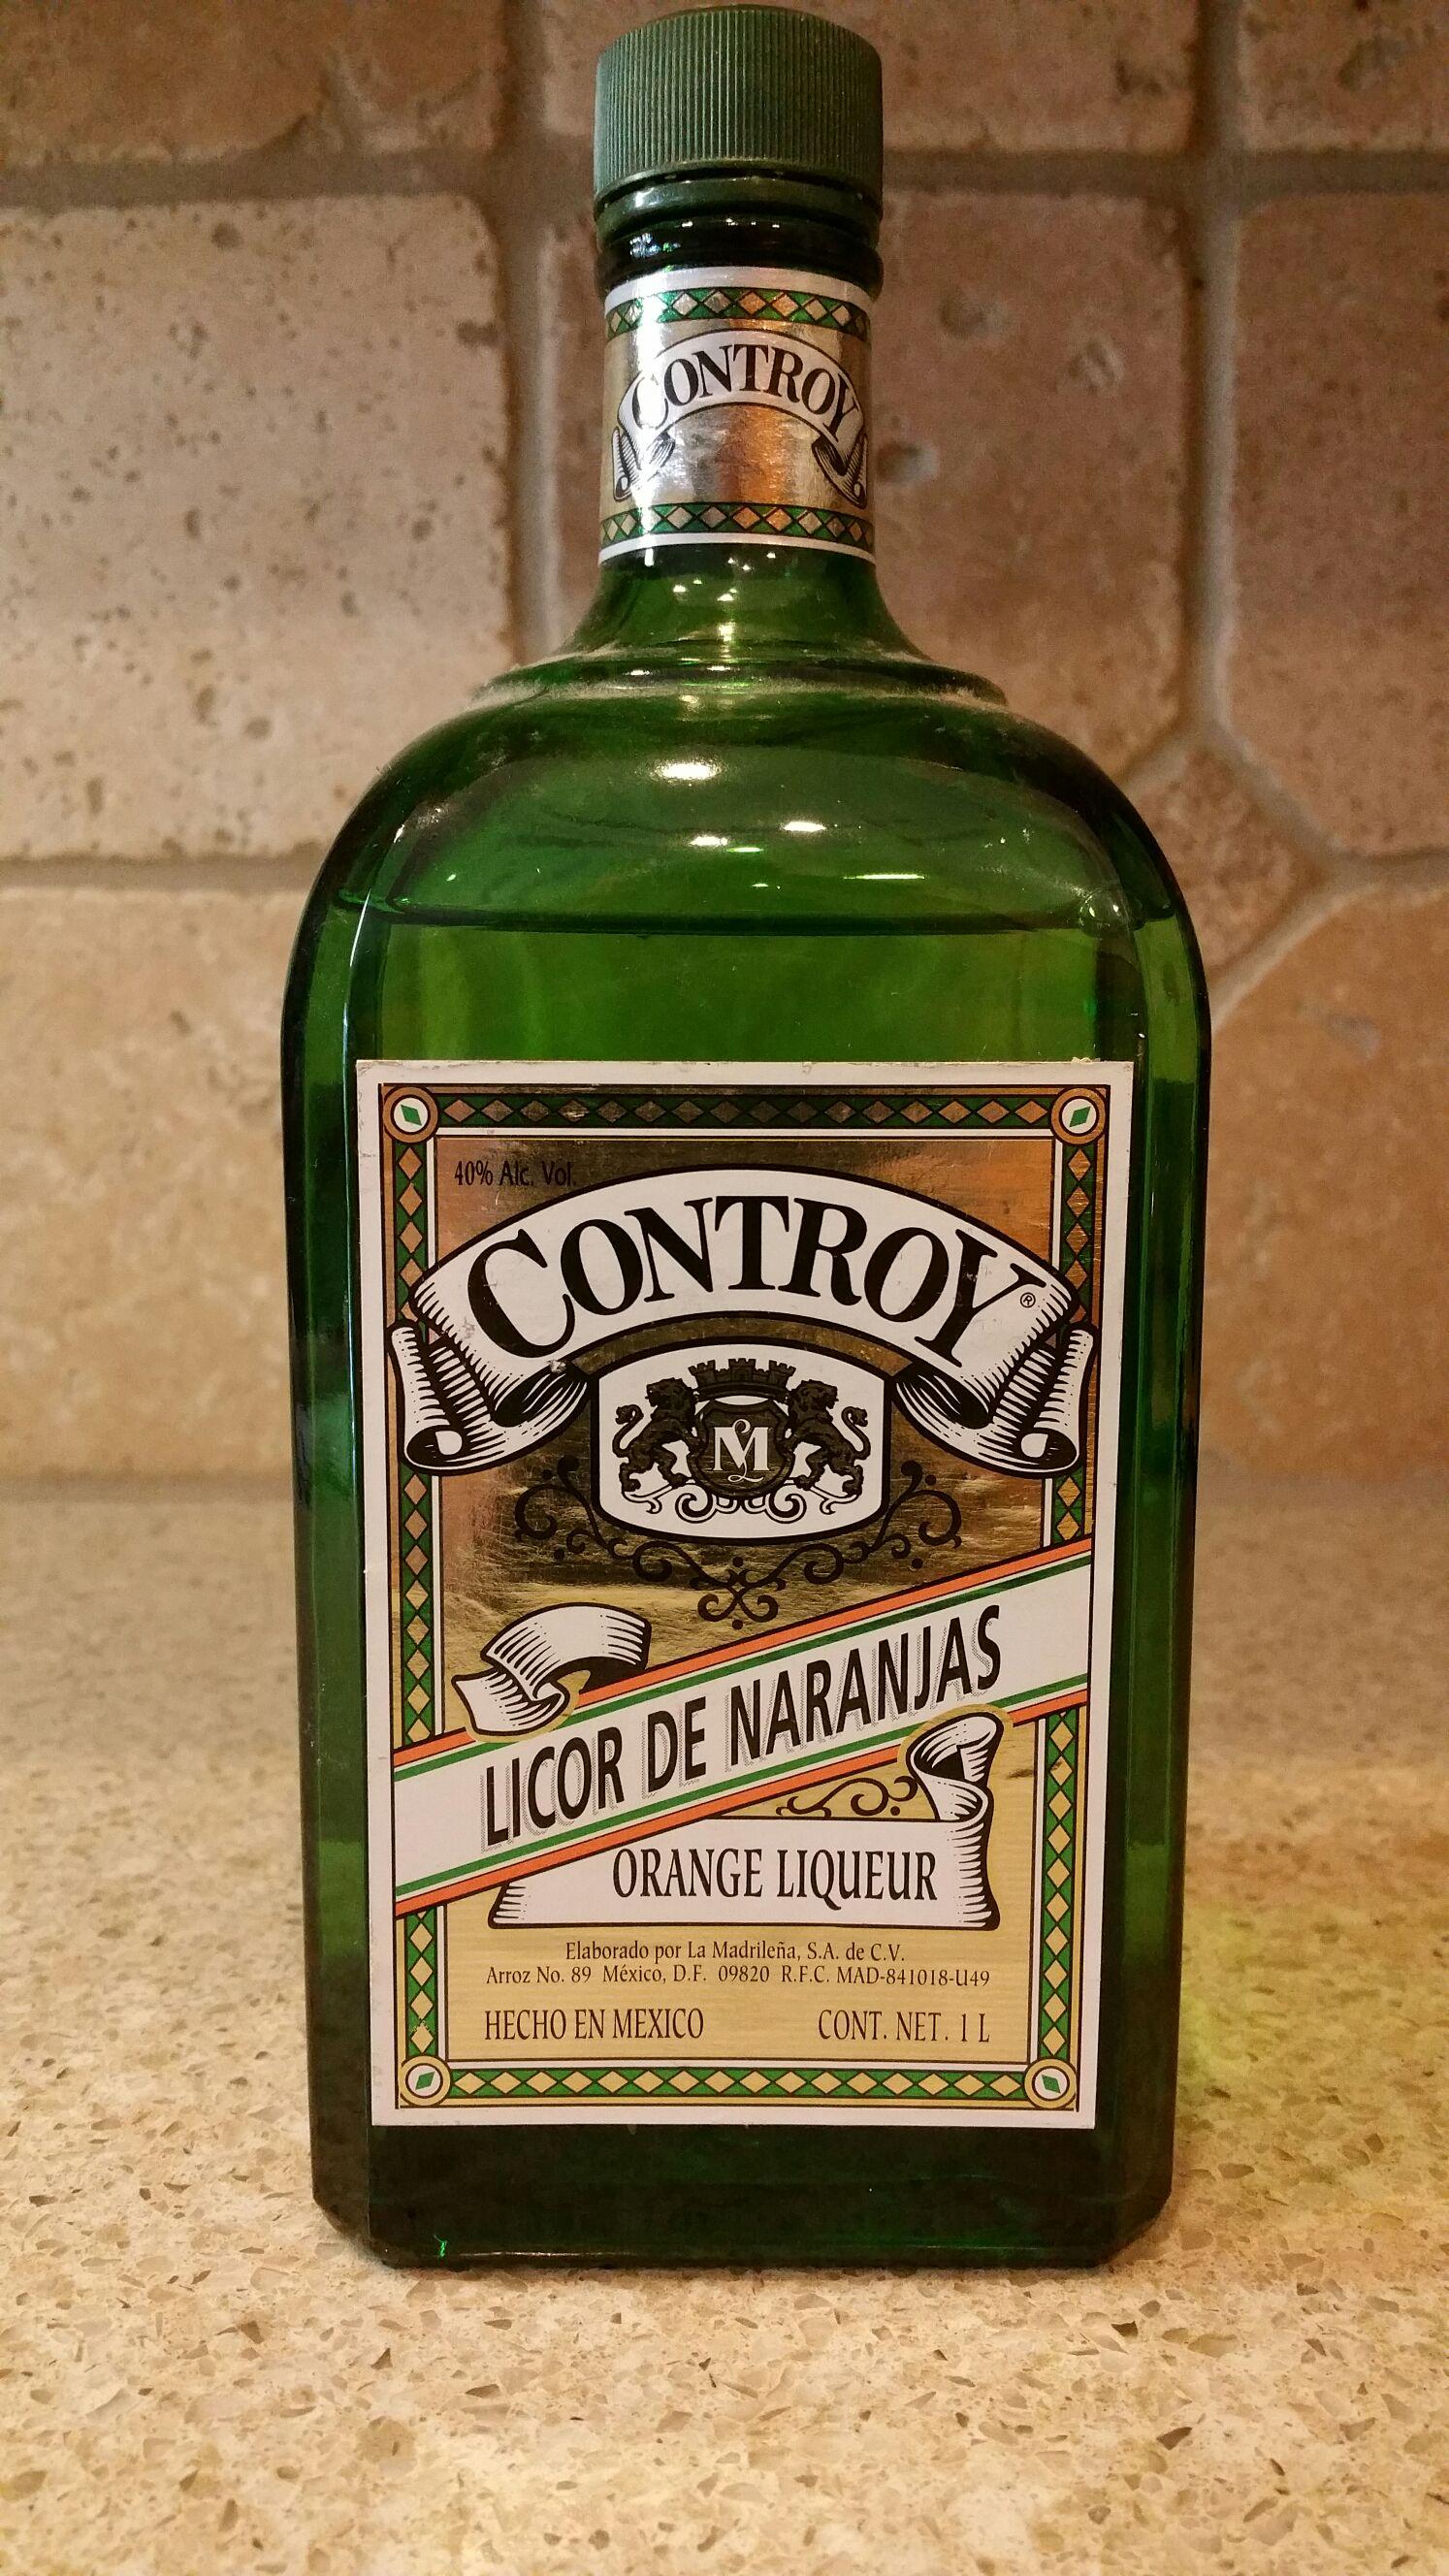 Controy Orange Liqueur Alcohol Elaborado Por La Madrilena Licor Front Image